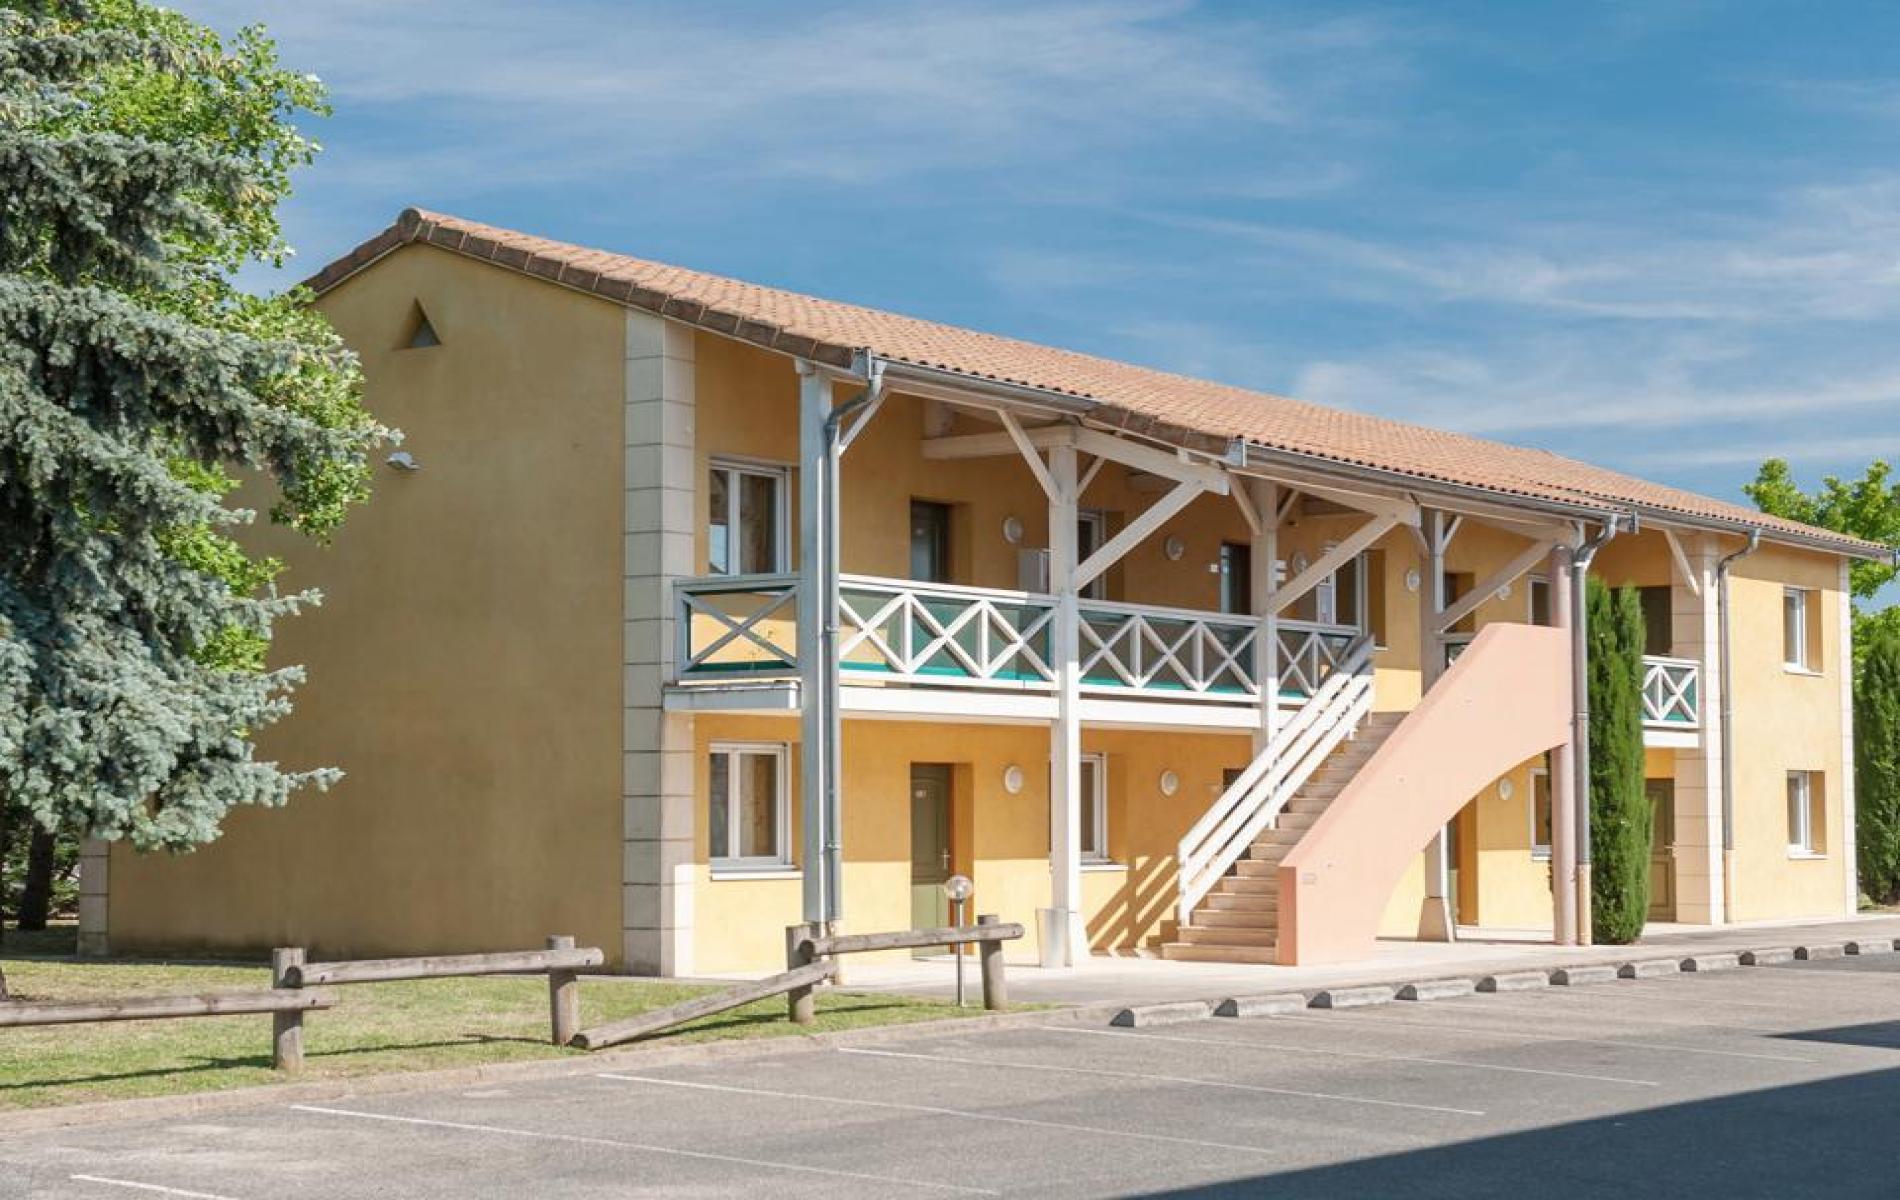 Hotel newport hotel in villefranche sur sa ne near for Hotels villefranche sur saone